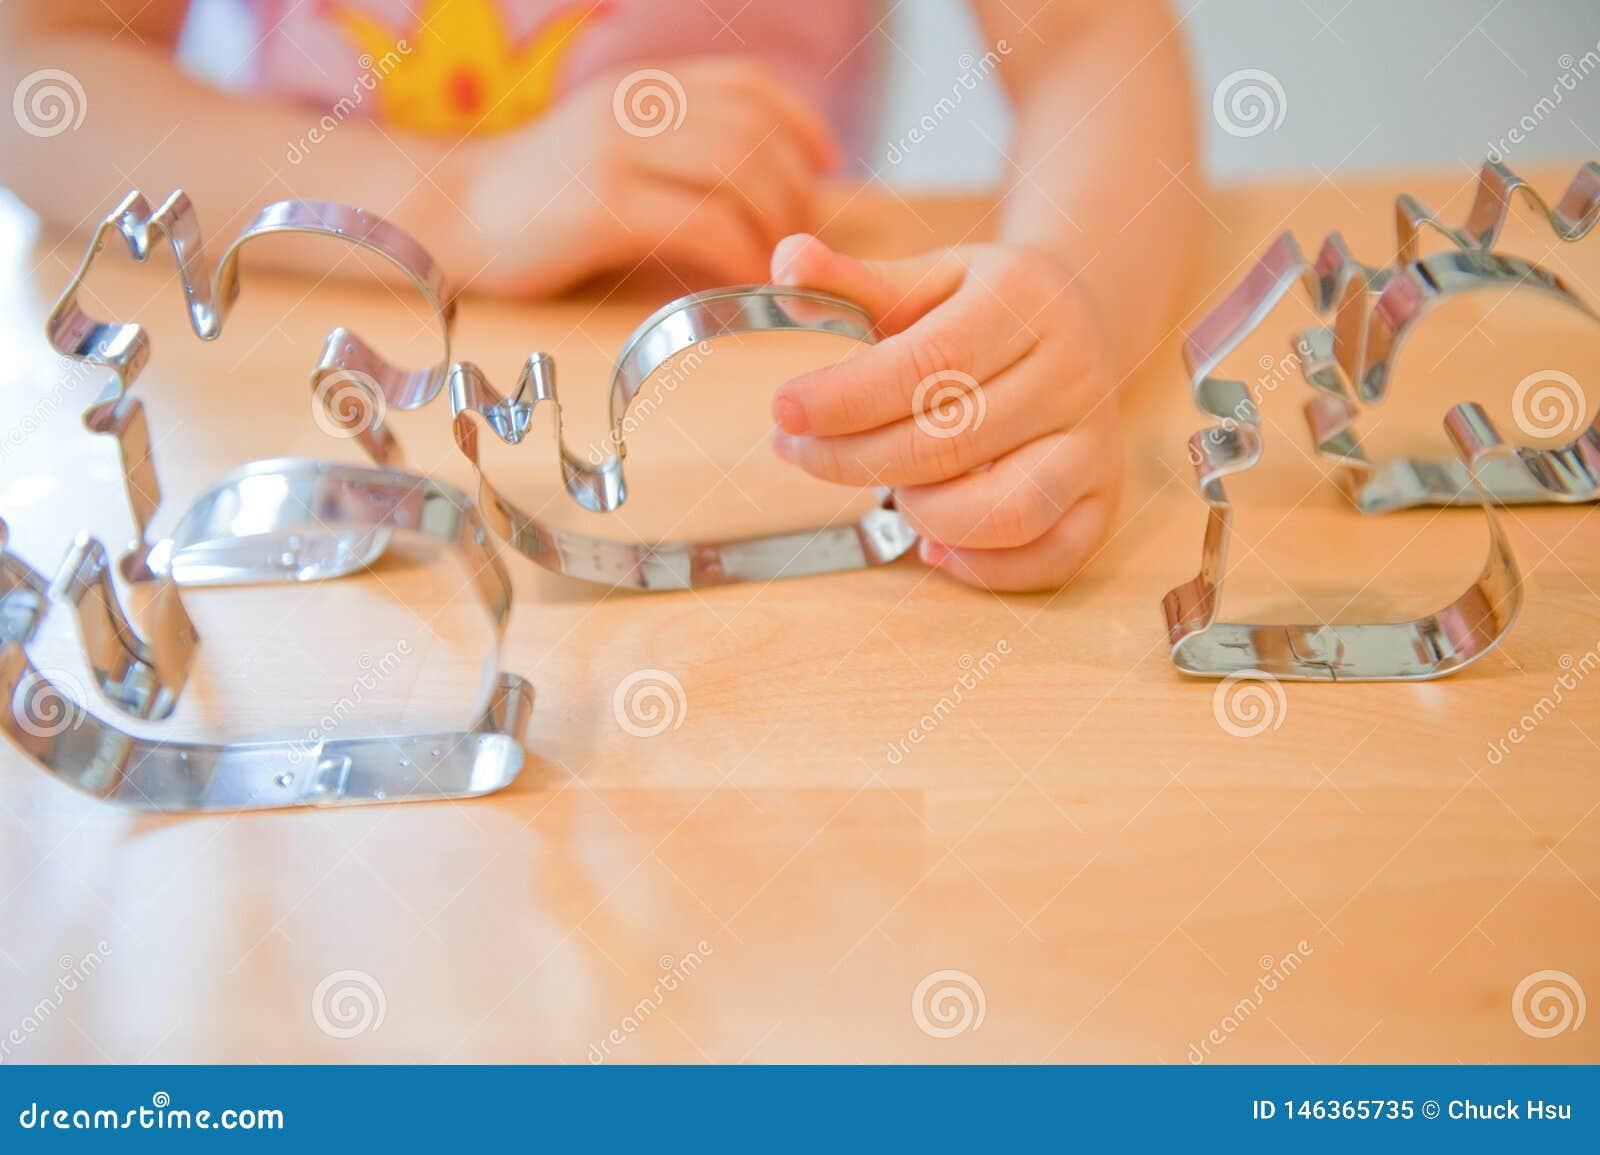 La main de l enfant tenant un moule apprend à faire un gâteau